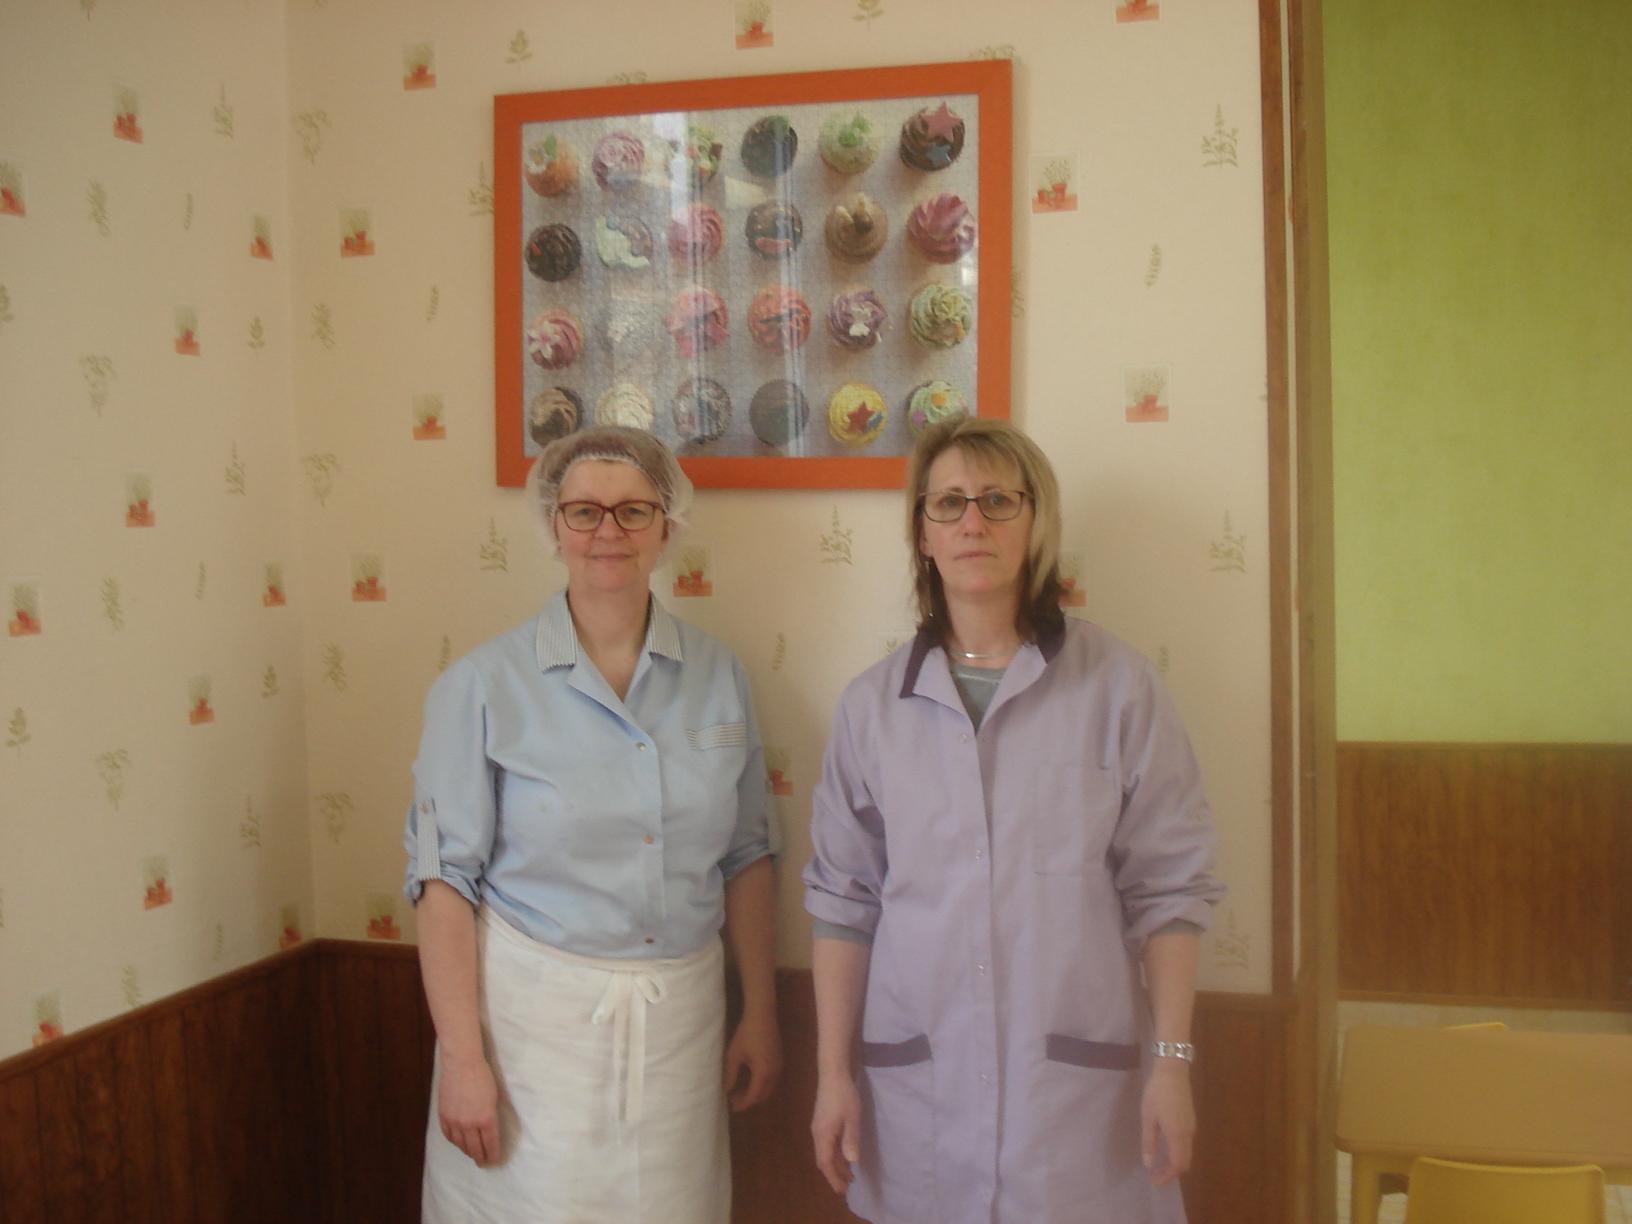 Cantine et garderie Autruy : Caroline et Murielle